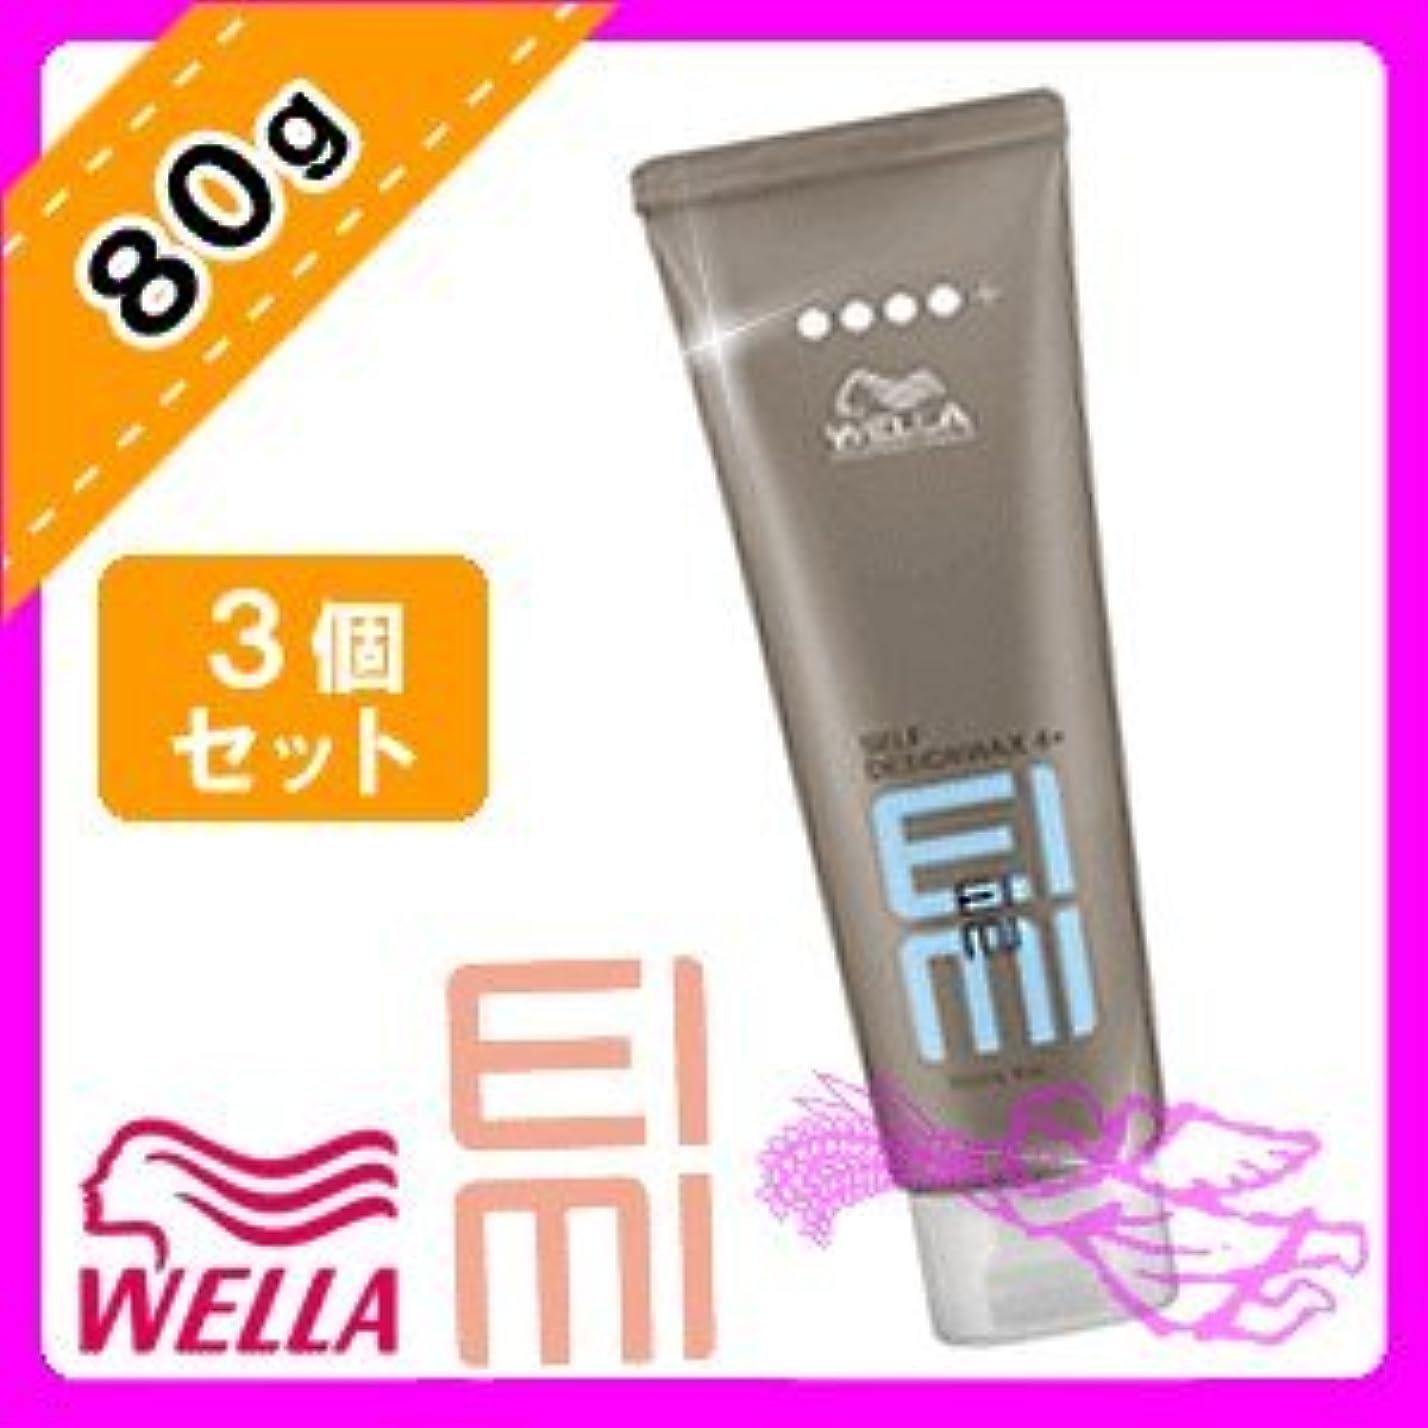 咳心のこもった童謡ウエラ EIMI(アイミィ) セルフデザインワックス4+ 80g ×3個 セット WELLA P&G